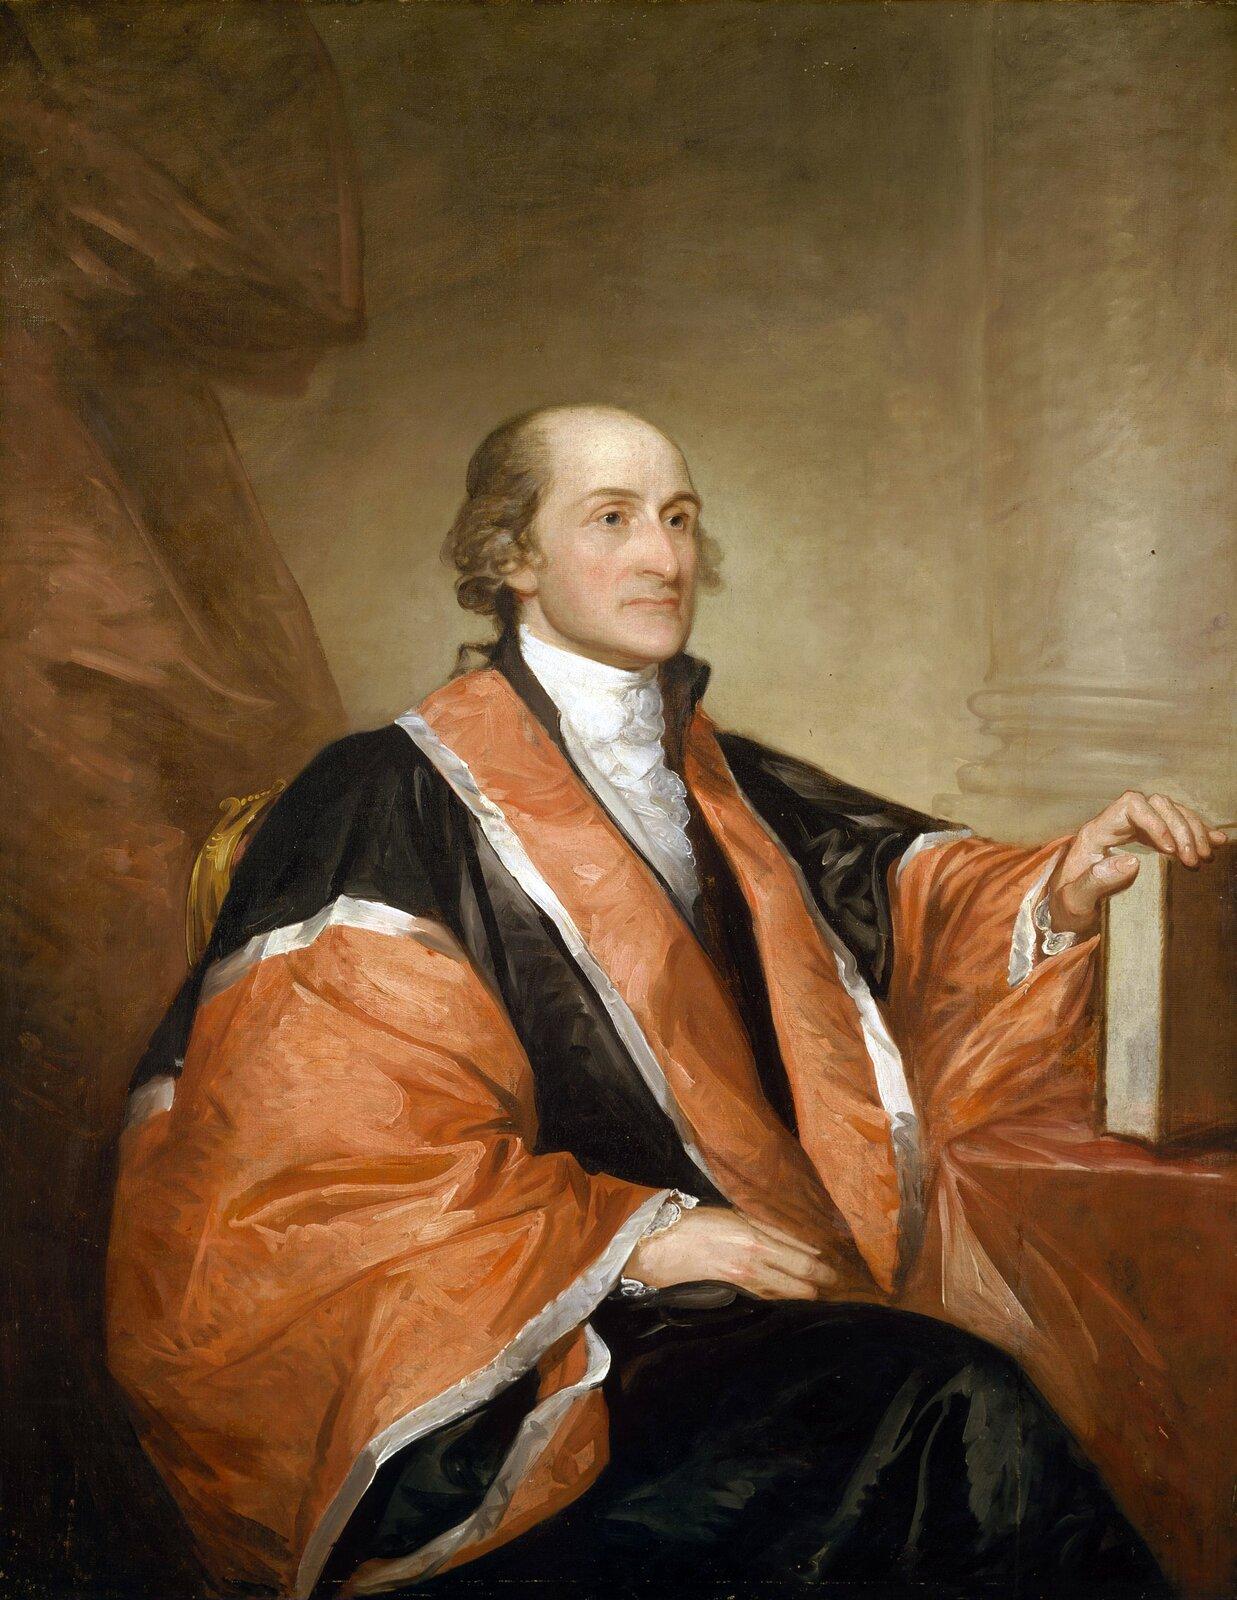 Portret Johna Jaya pierwszegoprzewodniczącego Sądu Najwyższego Stanów Zjednoczonych.Portretnamalowany w1794 r. przez Gilberta Charlesa Stuarta (1755-1828), malarza cieszącego się uznaniem wAnglii, którą jednak musiał opuścić zpowodu długów. Portret Jaya zapoczątkował karierę malarza wStanach Zjednoczonych. Dostojnik pozował jedynie przy malowaniu głowy, reszta postaci powstała już bez udziału modela.Najbardziej znane dzieło Stuarta to niedokończony portret Jerzego Waszyngtona.Prezentowany portret przechowywany jest wNarodowej Galerii Sztuki wWaszyngtonie. Portret Johna Jaya pierwszegoprzewodniczącego Sądu Najwyższego Stanów Zjednoczonych.Portretnamalowany w1794 r. przez Gilberta Charlesa Stuarta (1755-1828), malarza cieszącego się uznaniem wAnglii, którą jednak musiał opuścić zpowodu długów. Portret Jaya zapoczątkował karierę malarza wStanach Zjednoczonych. Dostojnik pozował jedynie przy malowaniu głowy, reszta postaci powstała już bez udziału modela.Najbardziej znane dzieło Stuarta to niedokończony portret Jerzego Waszyngtona.Prezentowany portret przechowywany jest wNarodowej Galerii Sztuki wWaszyngtonie. Źródło: Gilbert Stuart, 1794, Olej na płótnie, National Gallery of Art, domena publiczna.